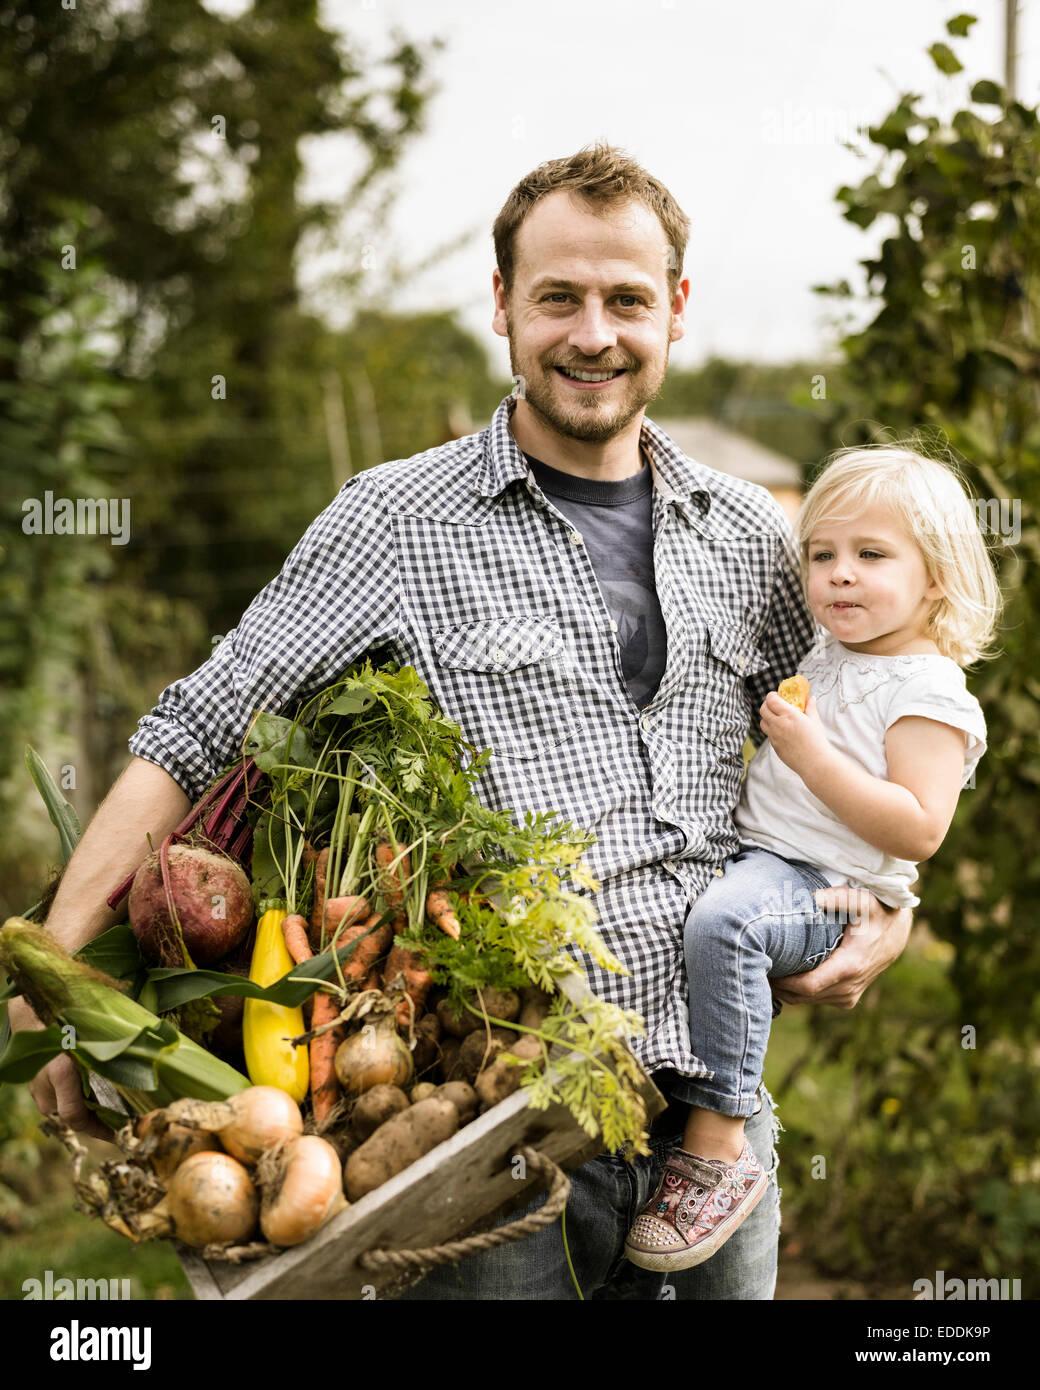 Uomo in piedi nel suo riparto con sua figlia, sorridente, tenendo una scatola piena di appena raccolto verdure. Immagini Stock